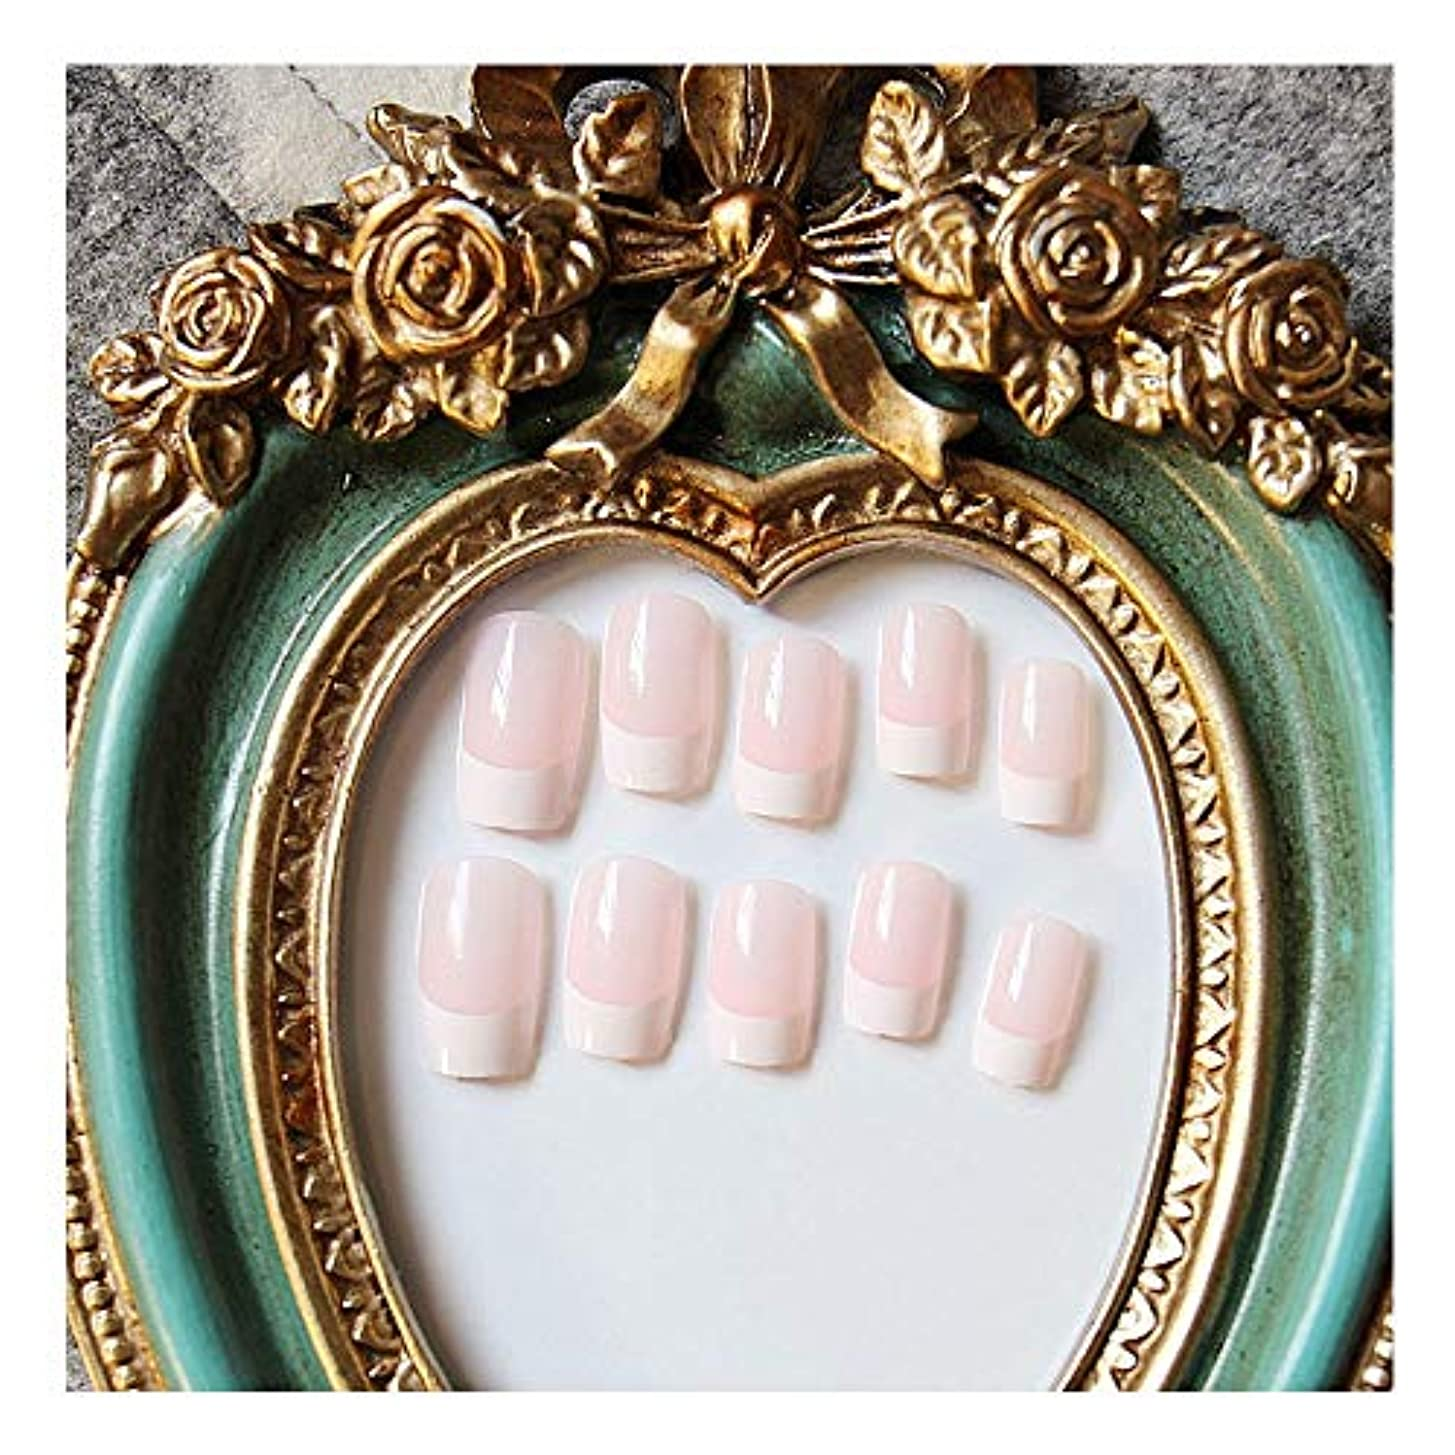 能力姉妹栄光のYESONEEP ピンク+ホワイトフェイク釘ショートグルー完成ネイルアート偽の釘 (色 : 24 pieces)